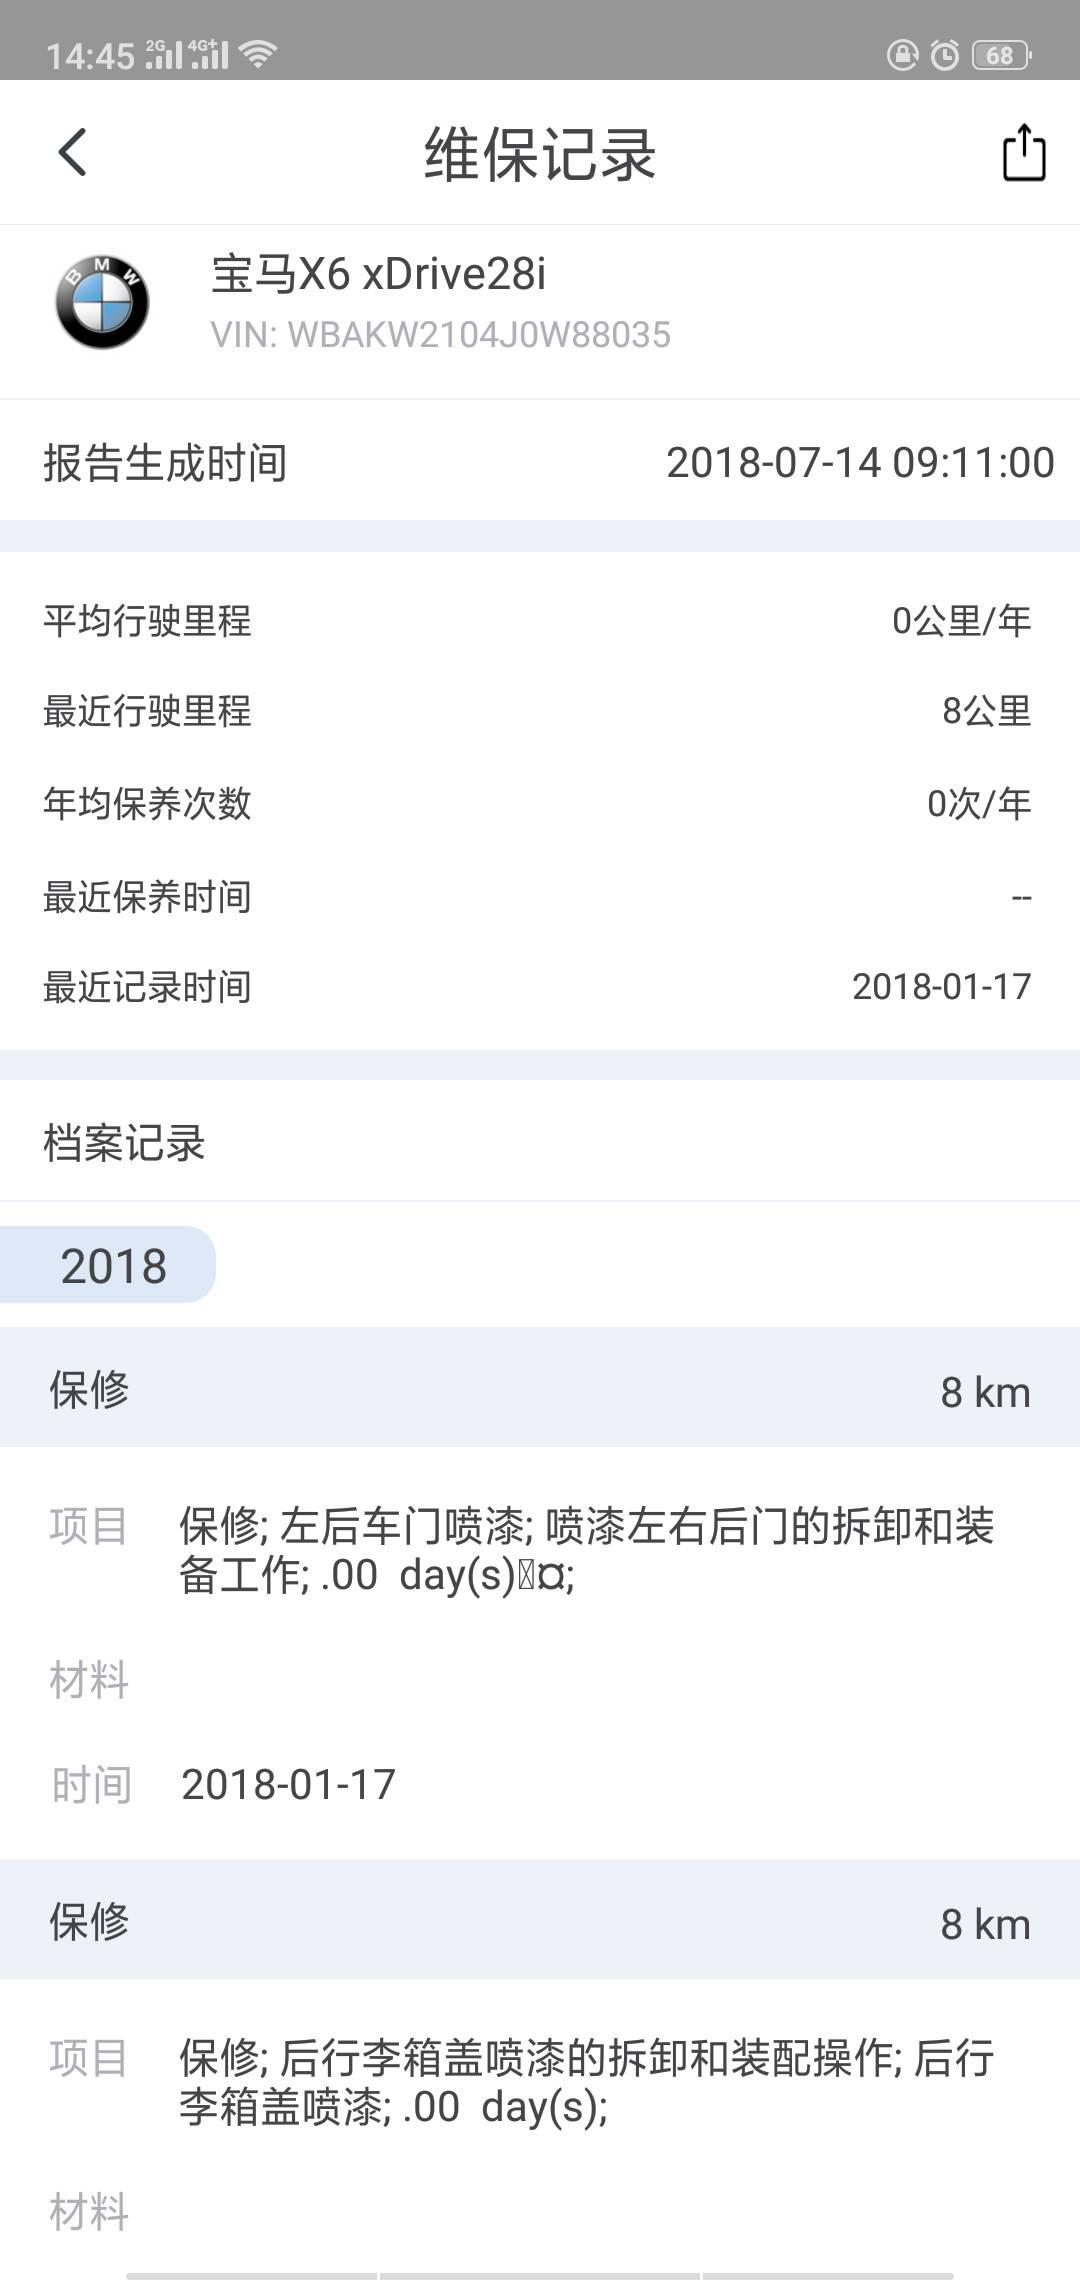 广东省肇庆市宝庆行4s店虚诈消费者